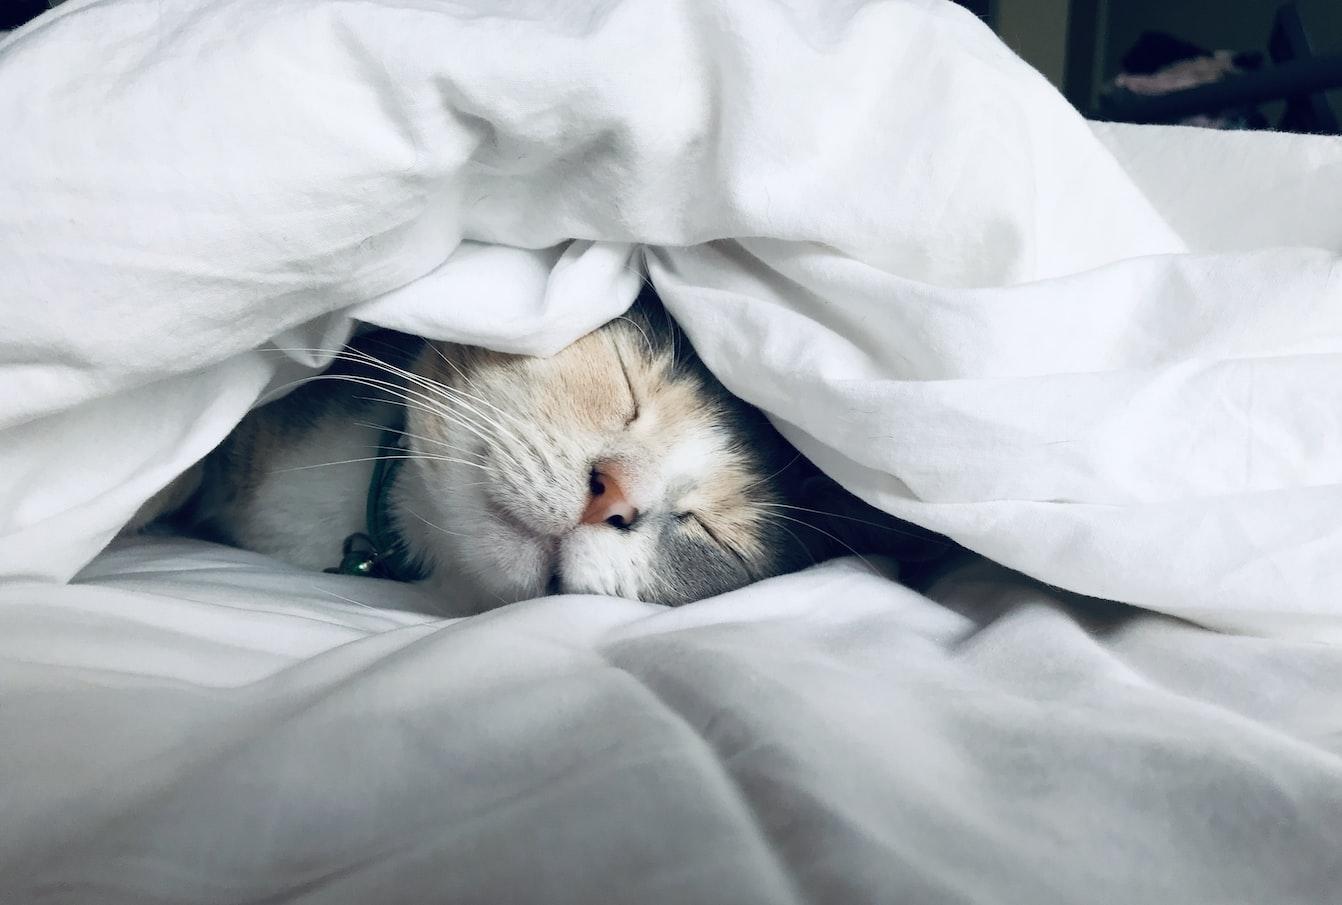 Katze schläft auf einem Bett unter einer Decke